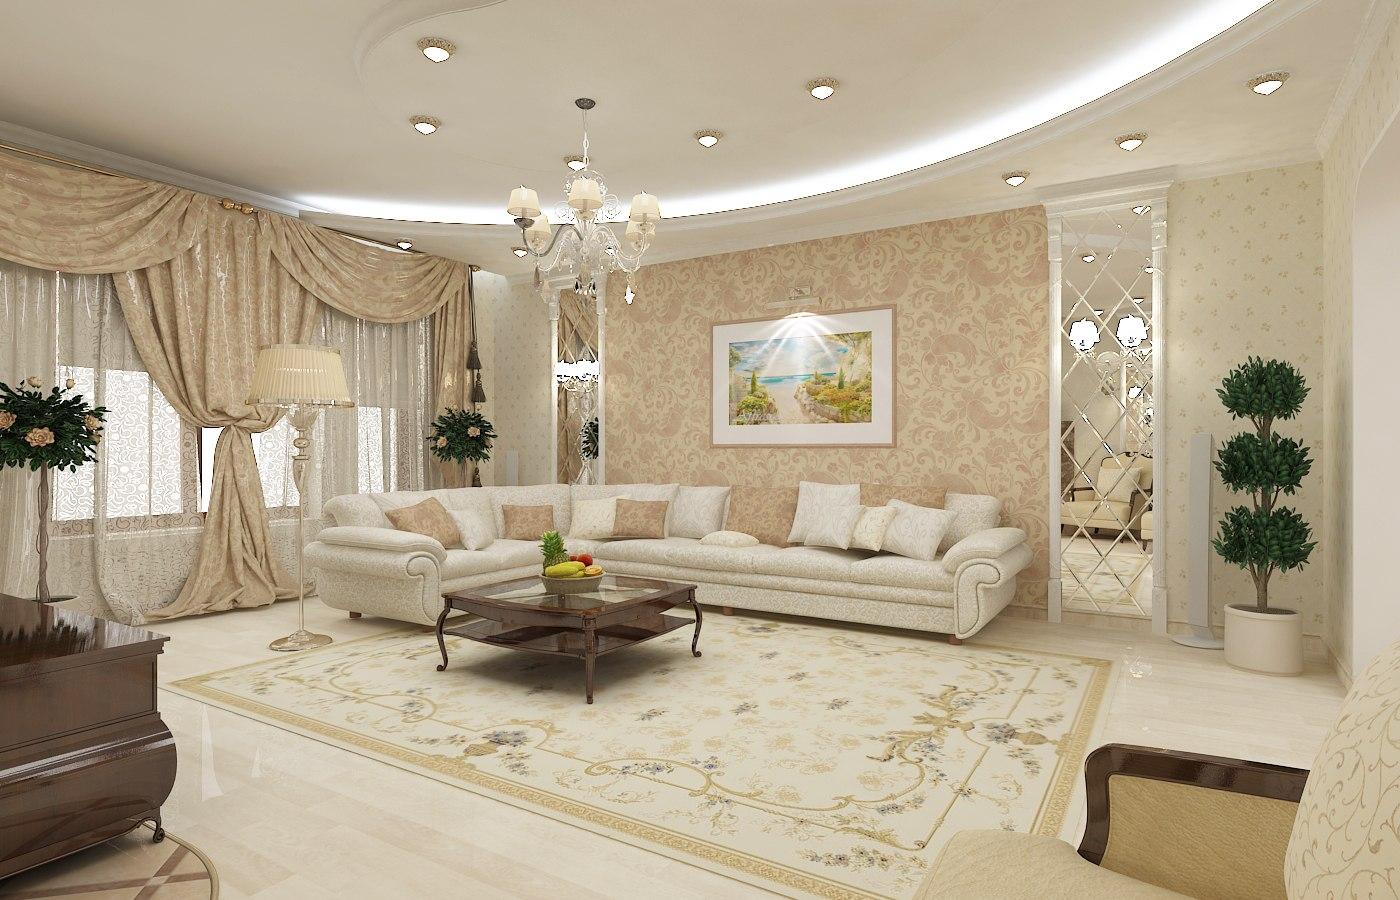 Матовый натяжной потолок белого цвета в интерьере, оформленном в классическом стиле